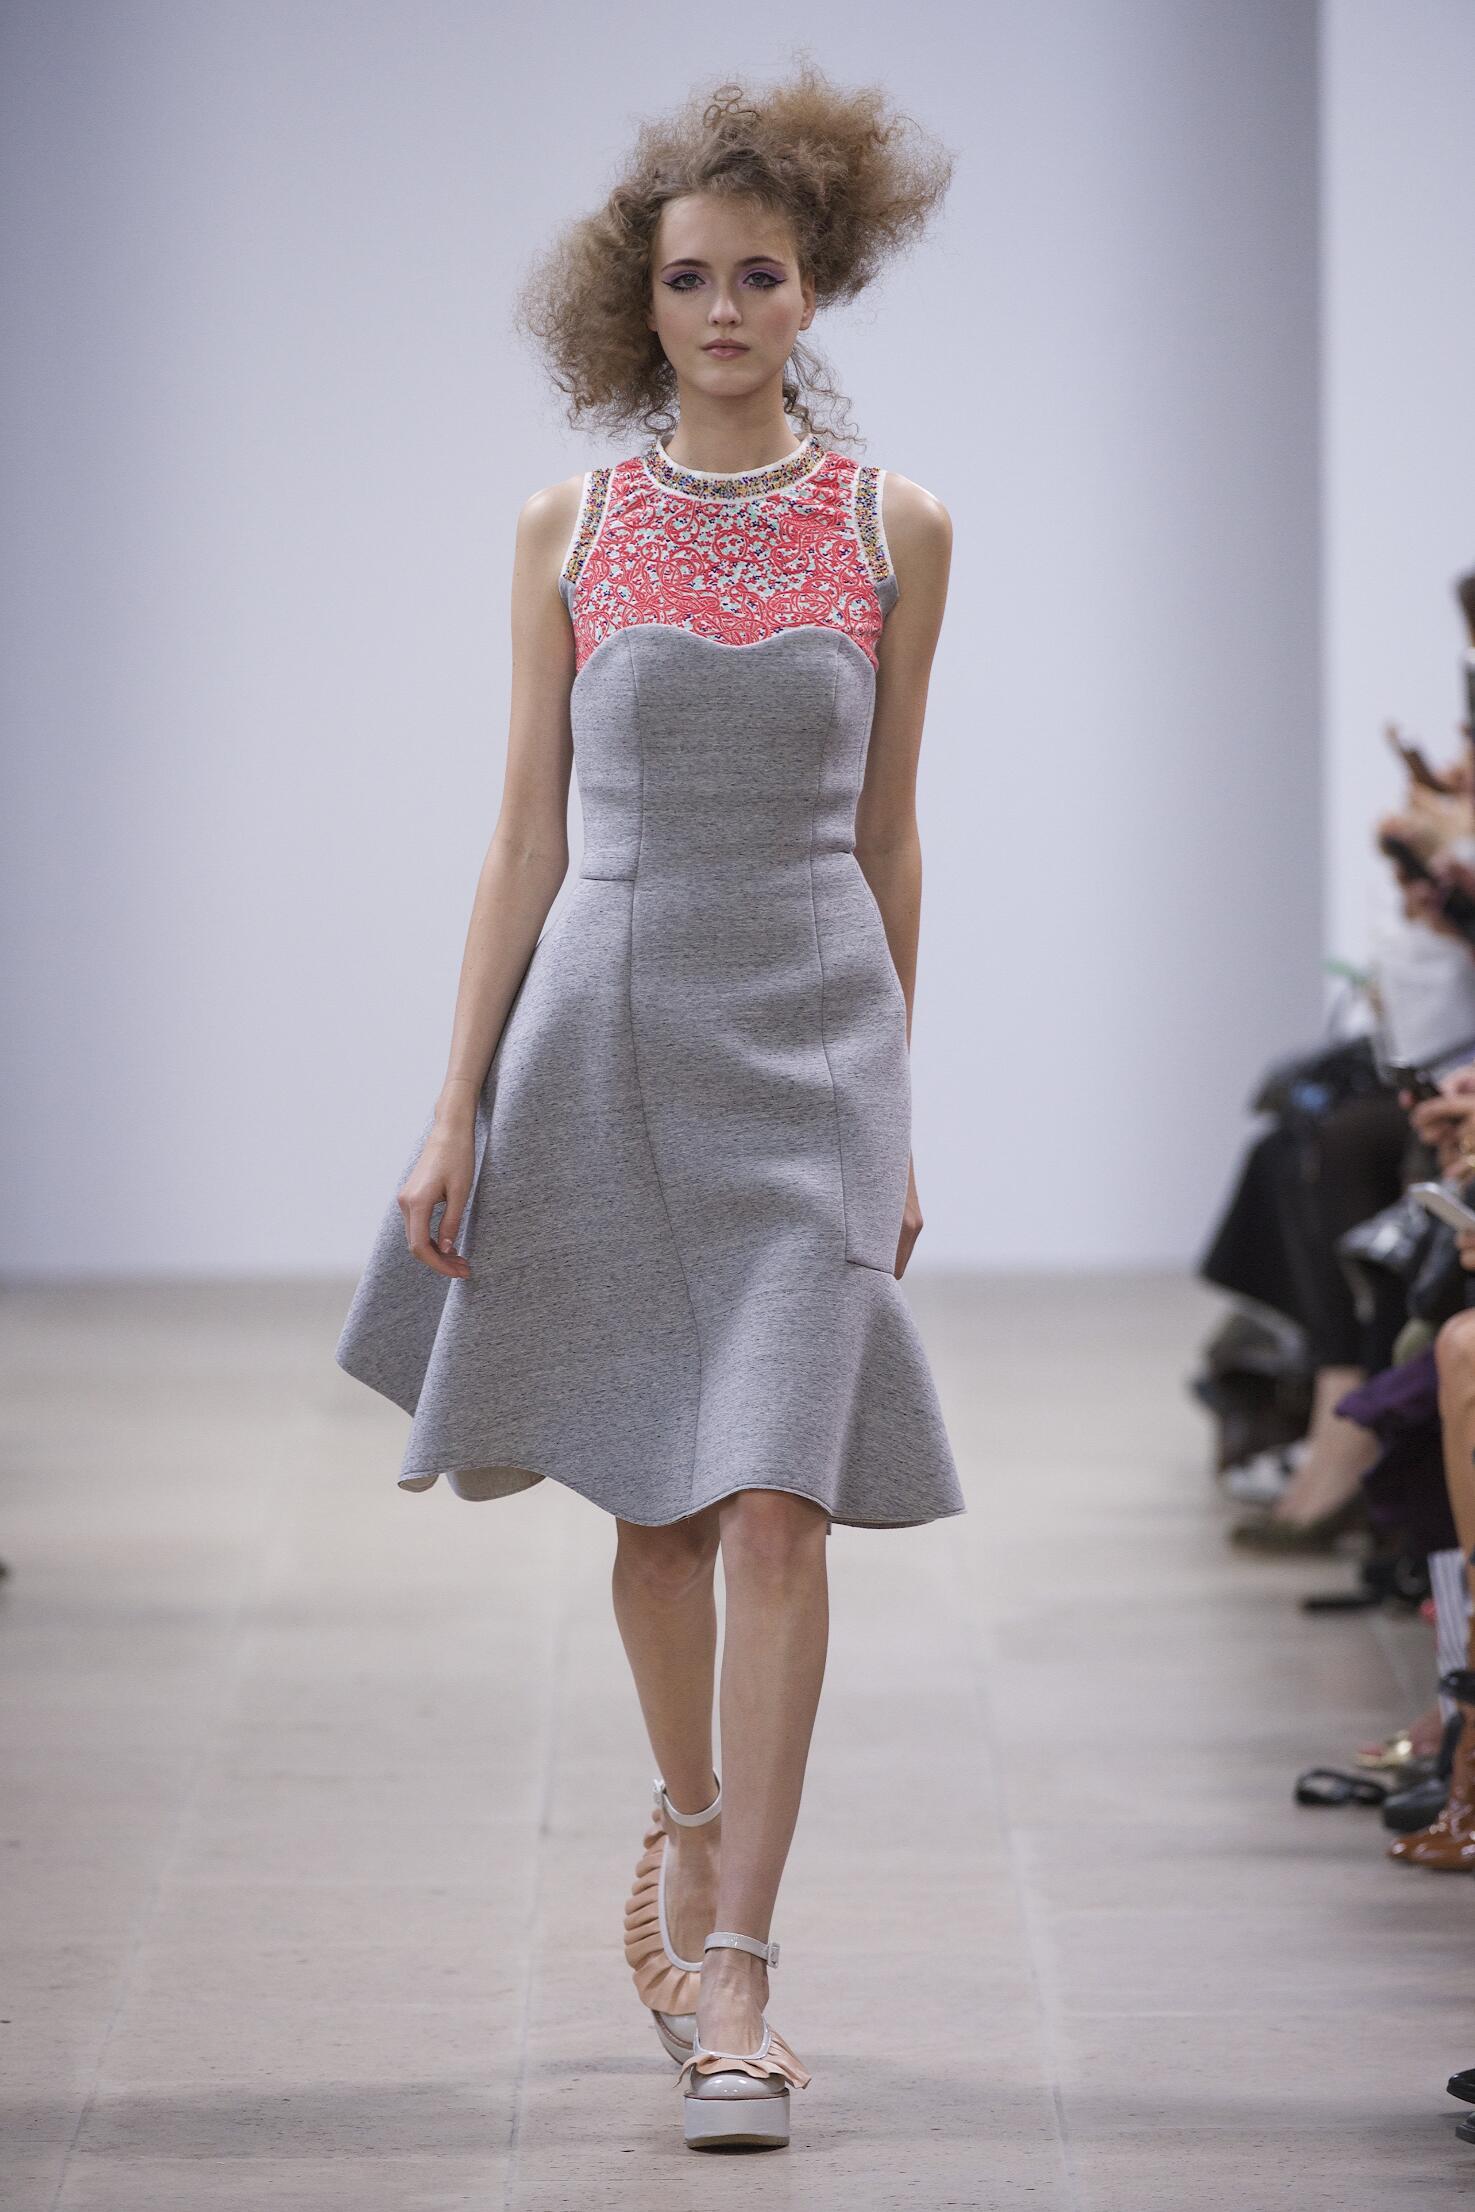 Julien David Woman Paris Fashion Week